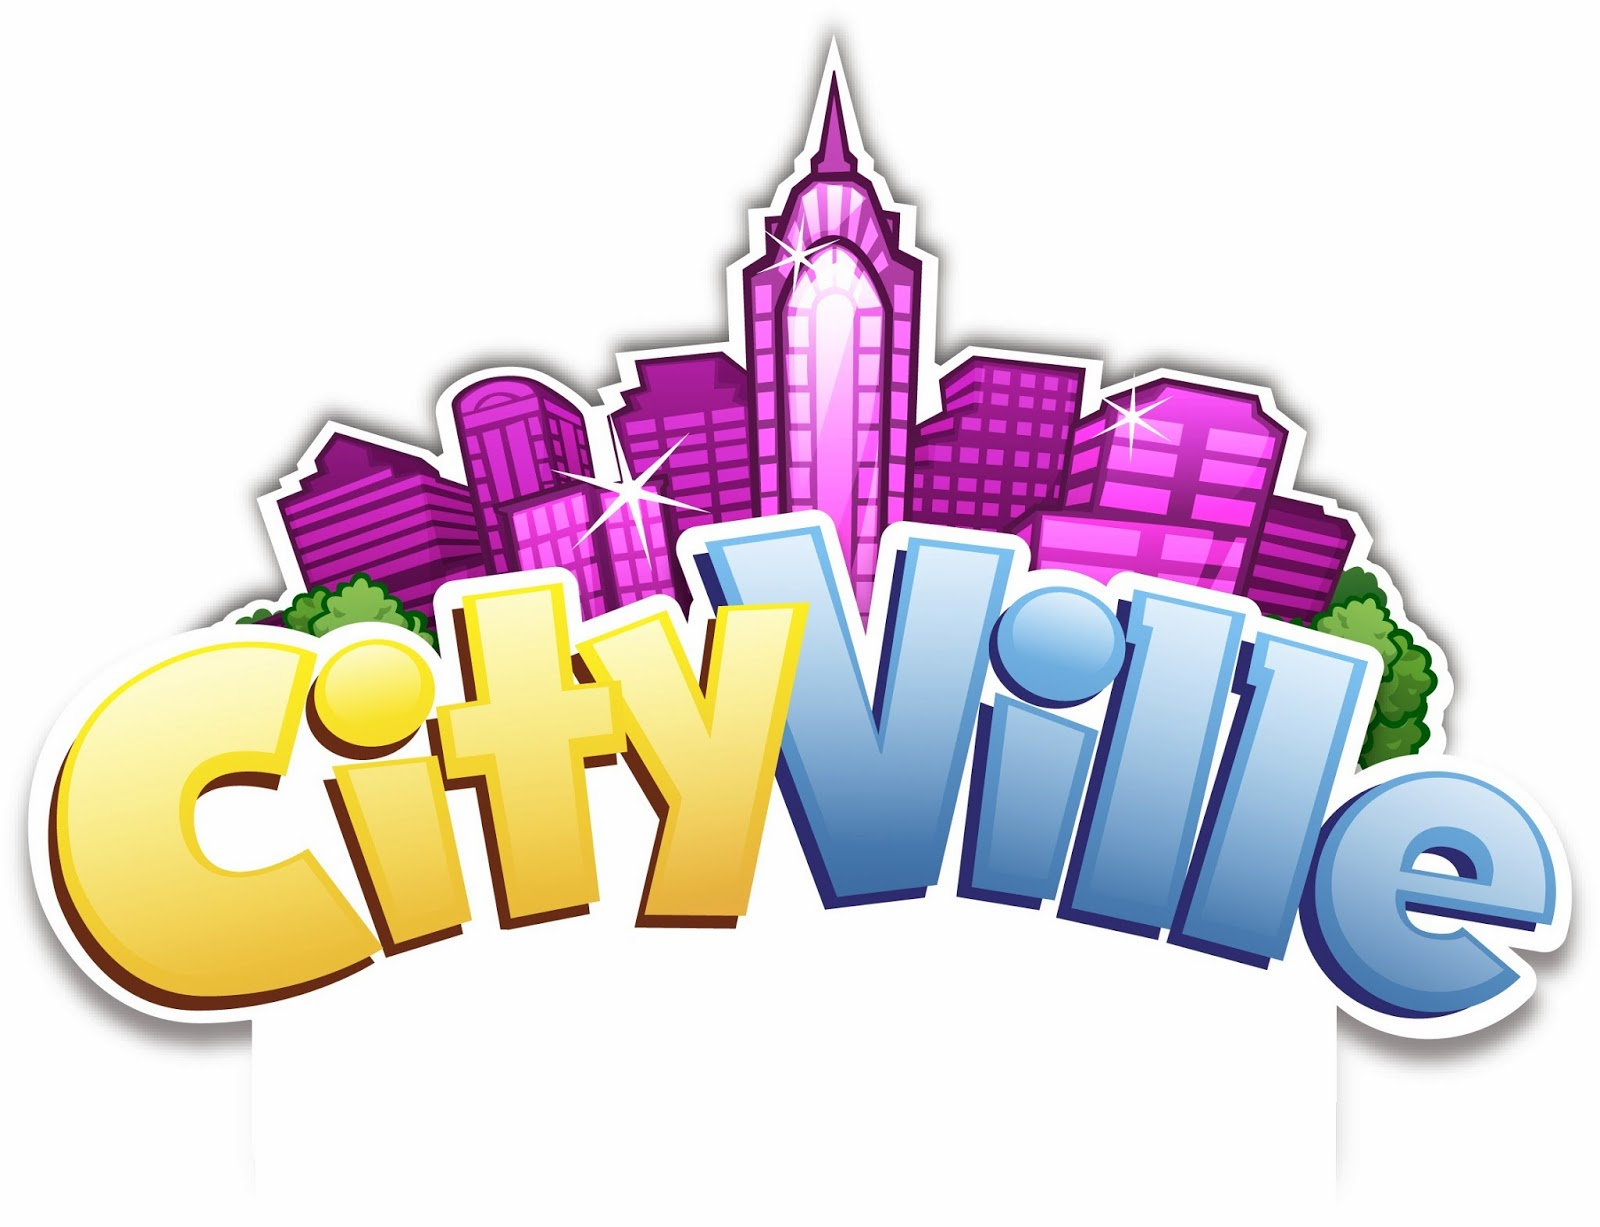 CityVille